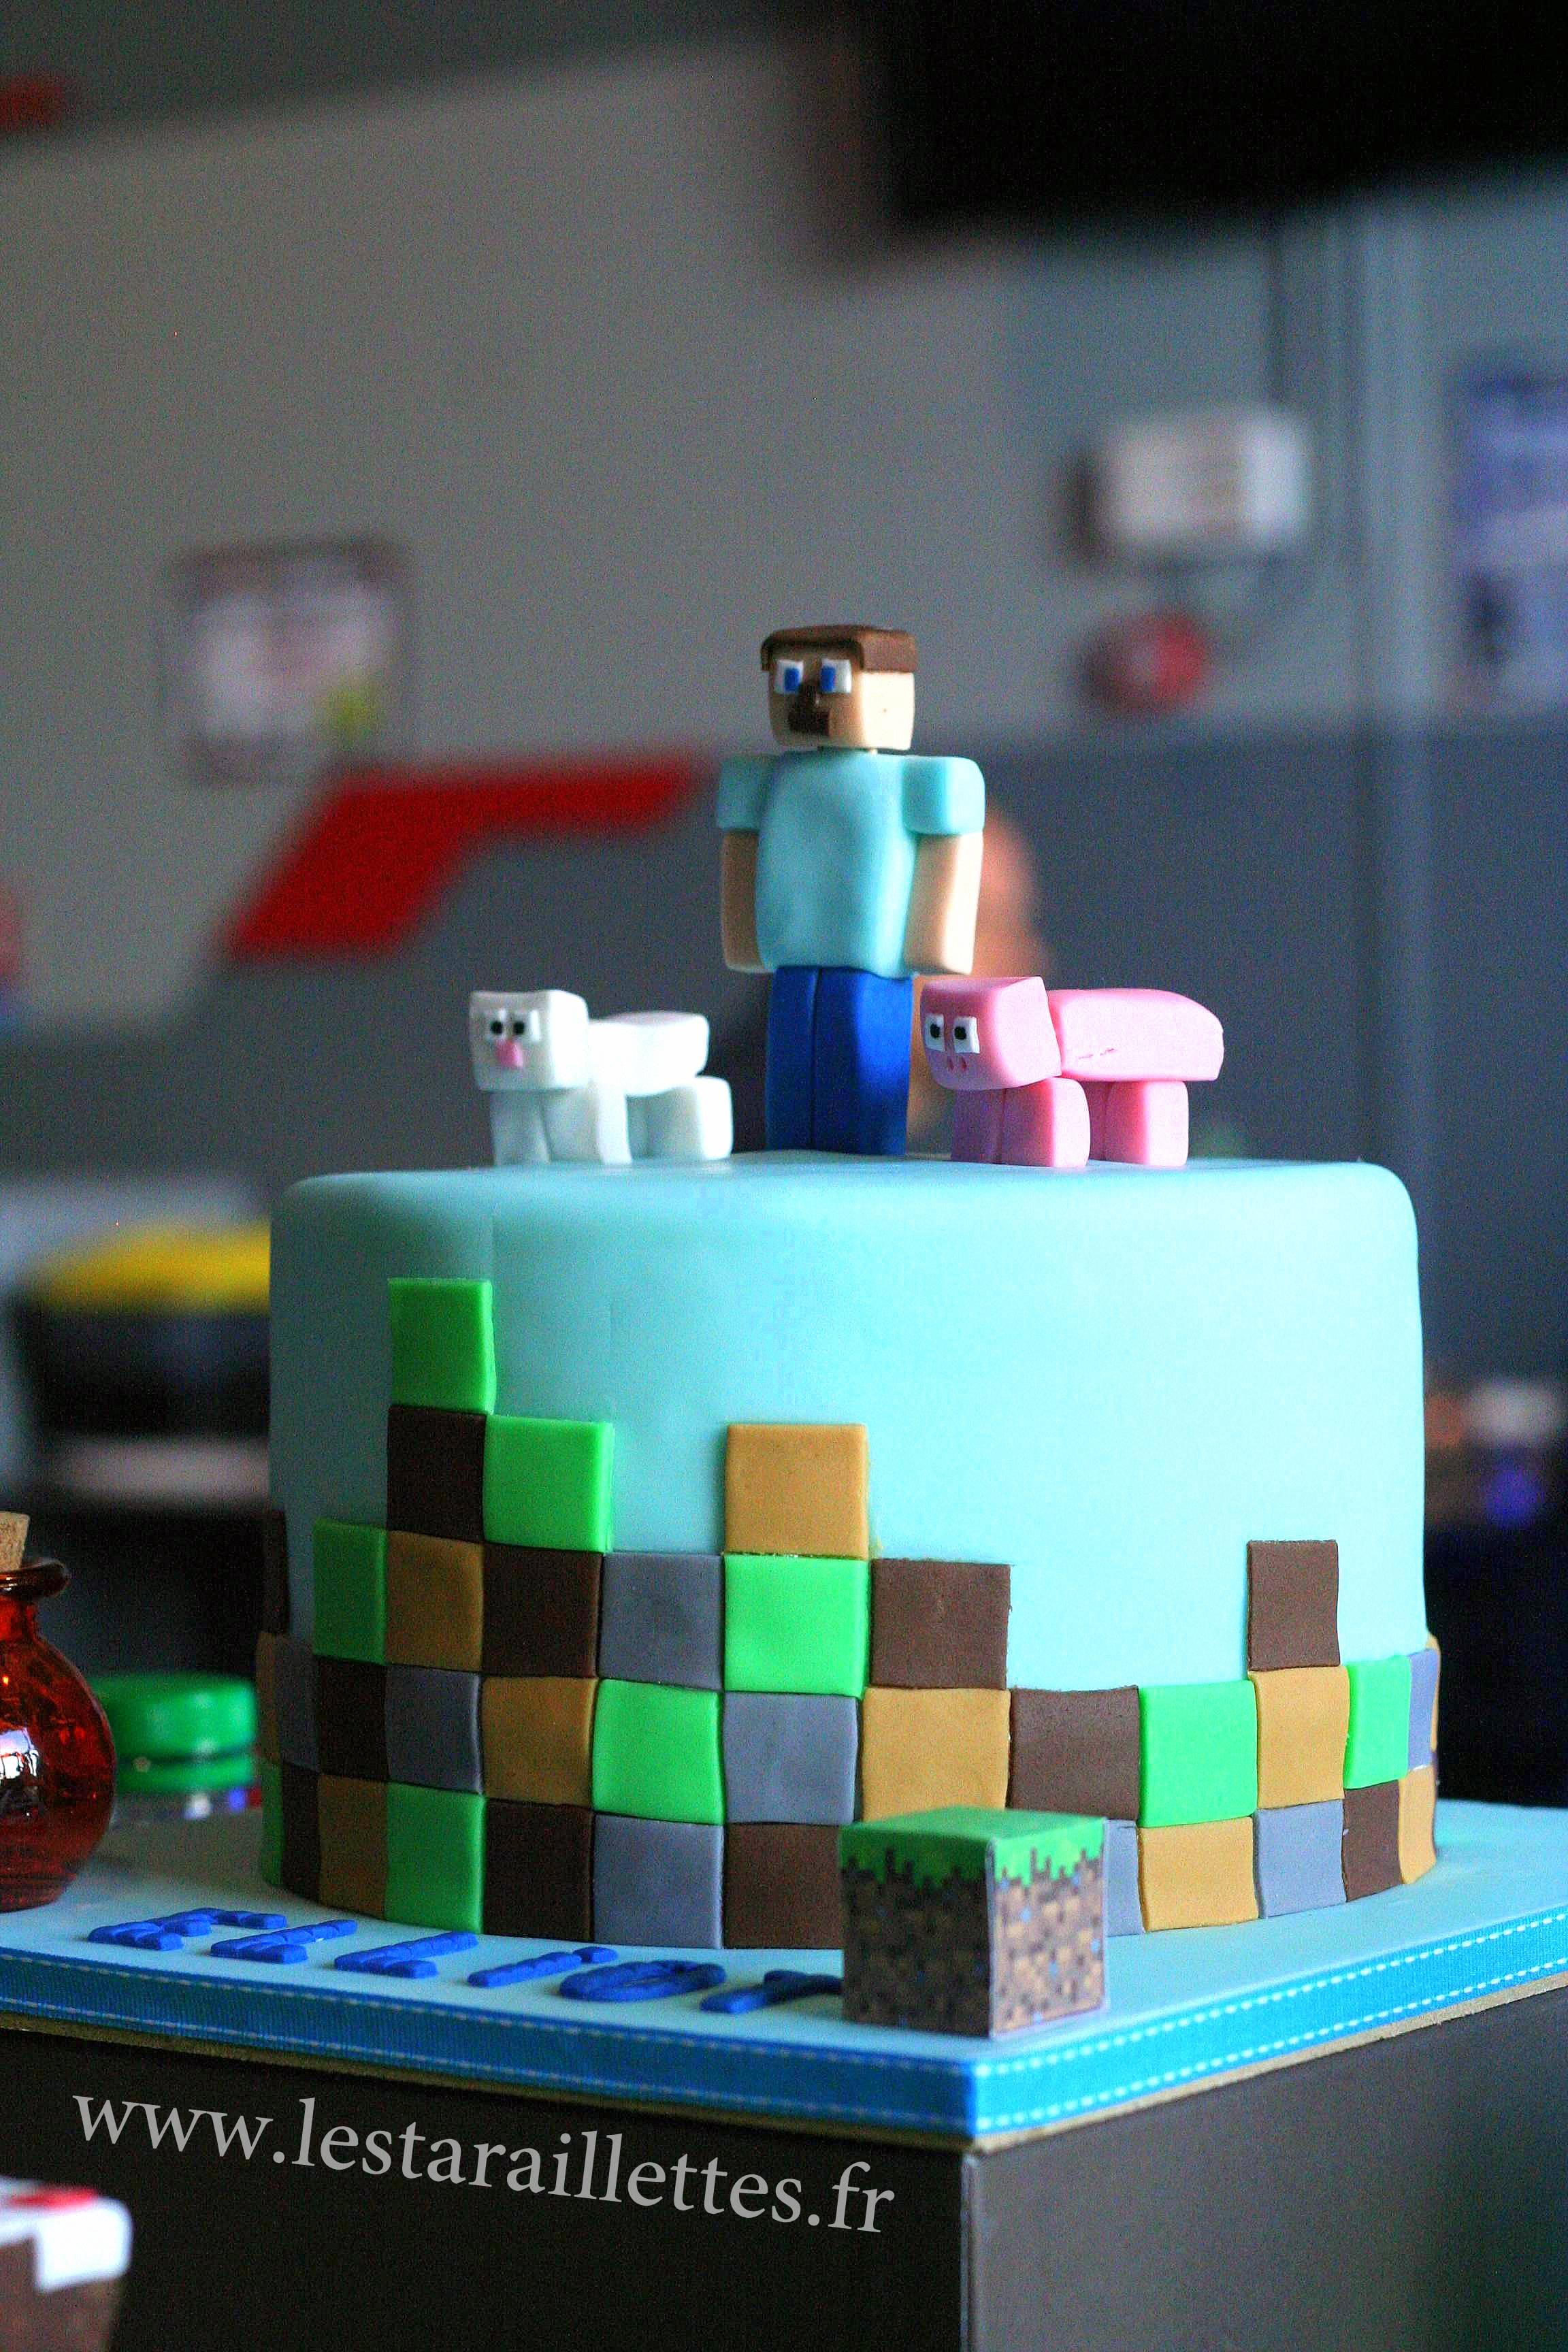 minecraft gateau anniversaire recette gateaux cake sweet decoration cookingmumu mod geburtstagskuchen gateau kuchen conteneurs unique jeux diamond bloc soooo enfant